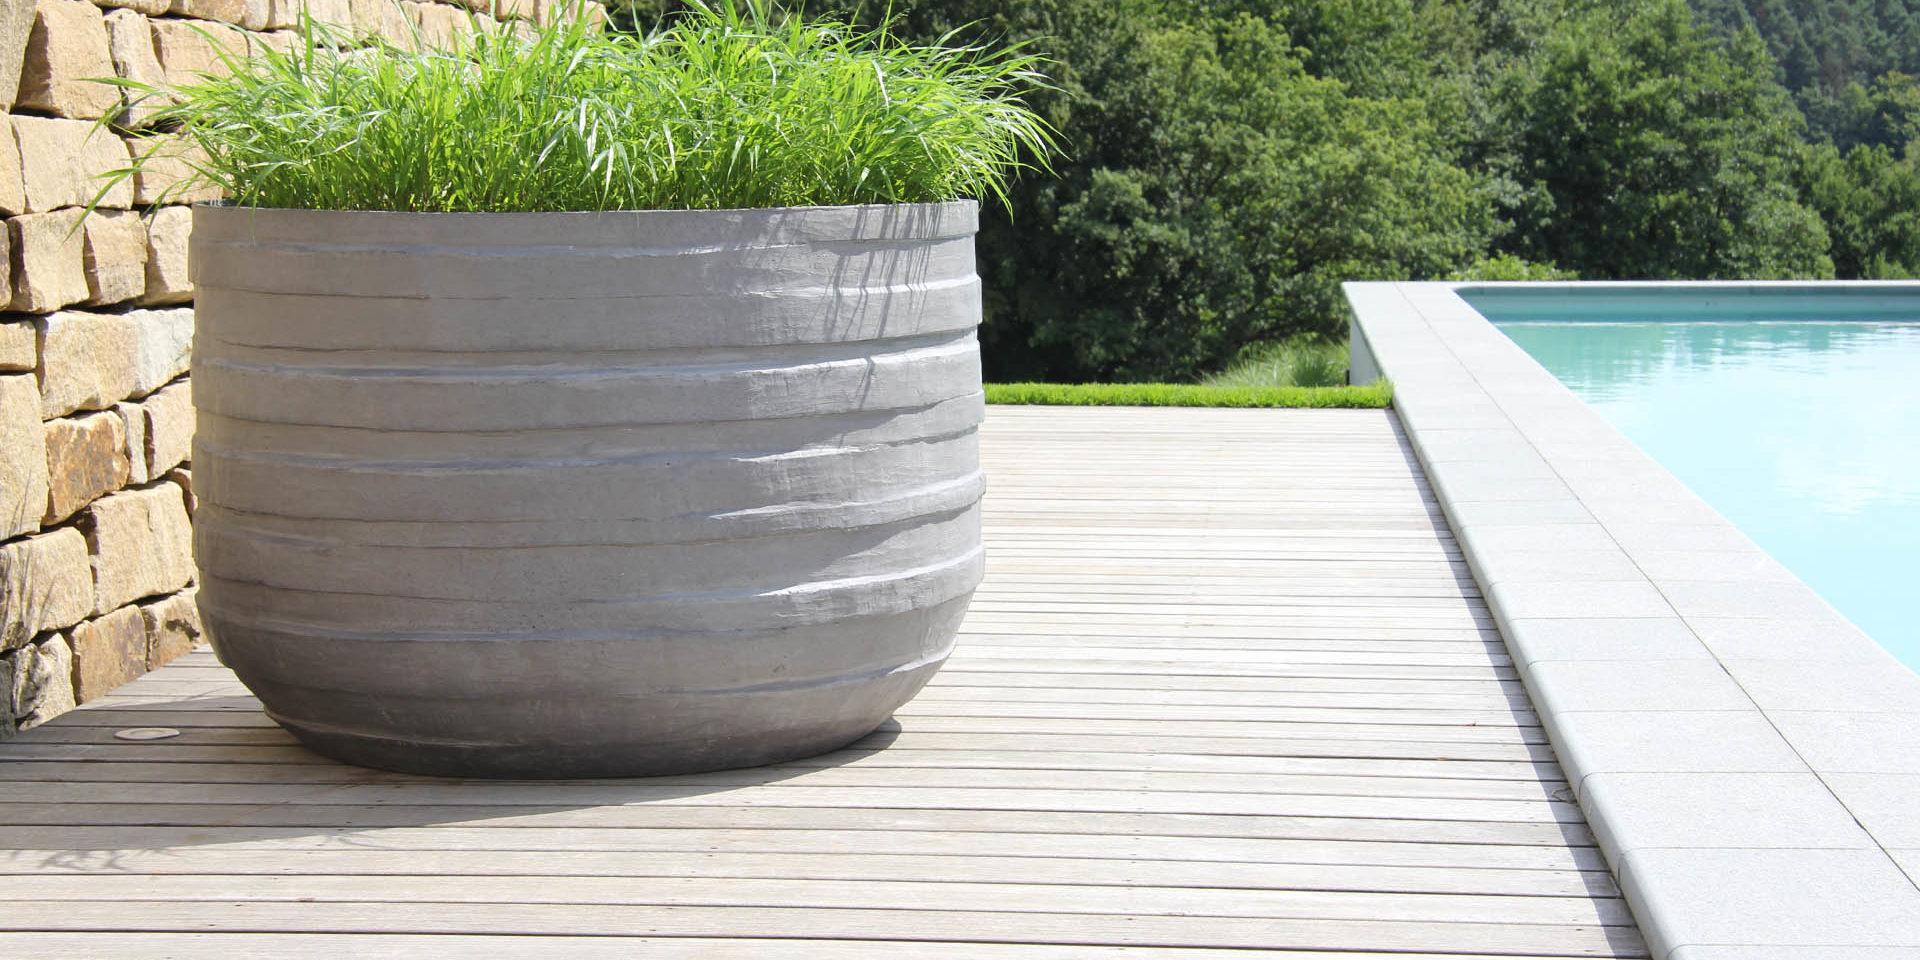 Pflanzkübel Aus Beton.Design Pflanzkübel Aus Beton Worldofflowerpots